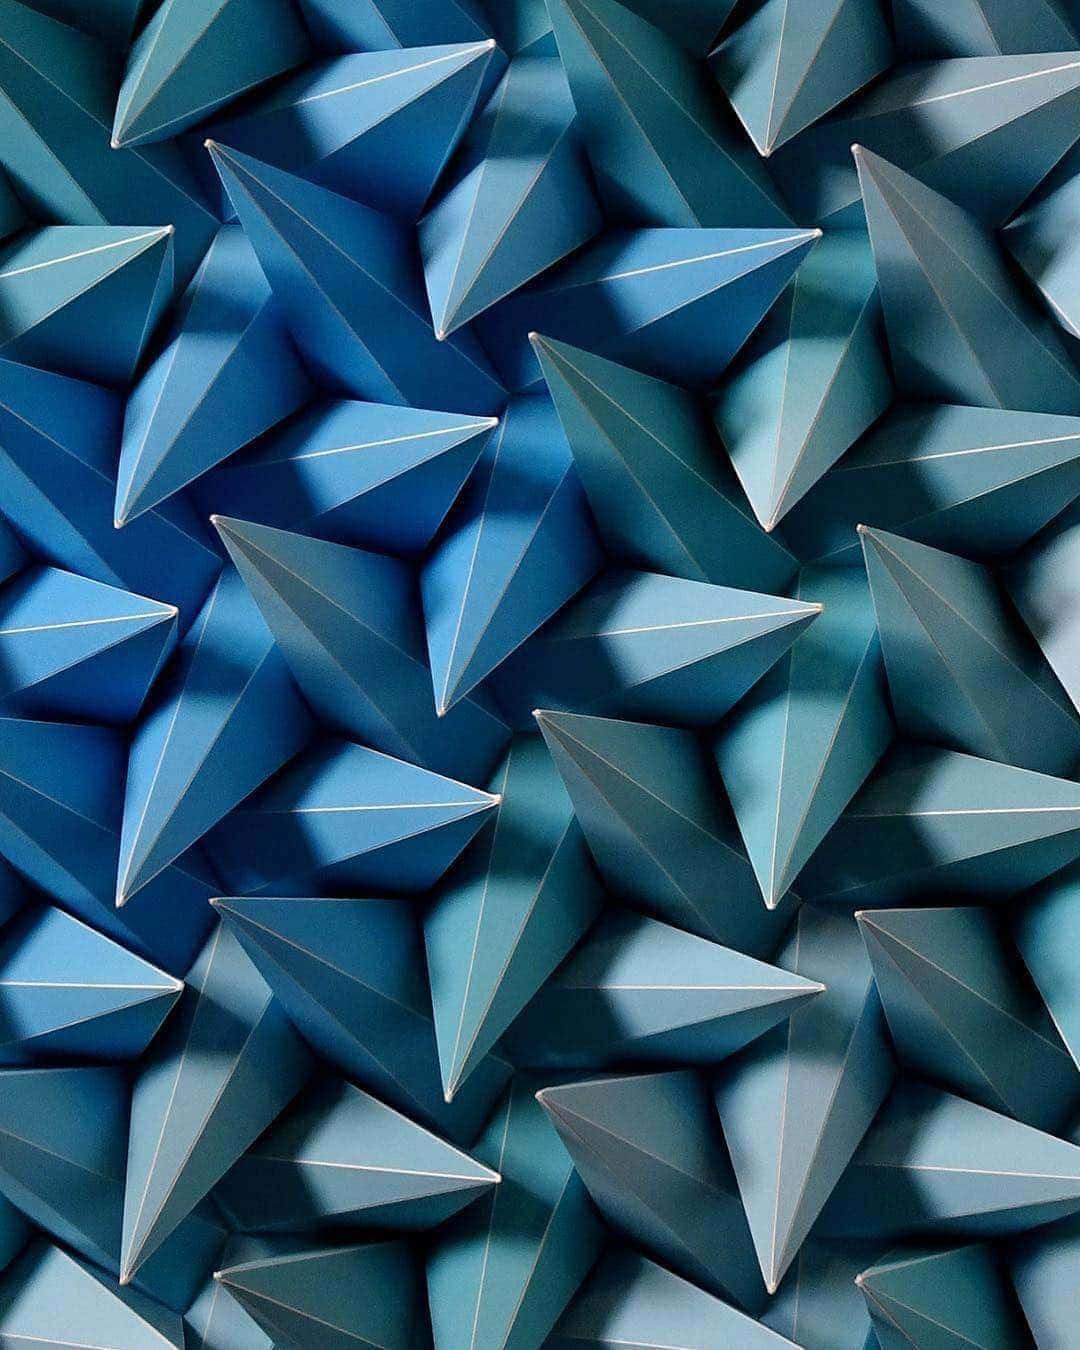 3d paper sculpture matthew shlian 1